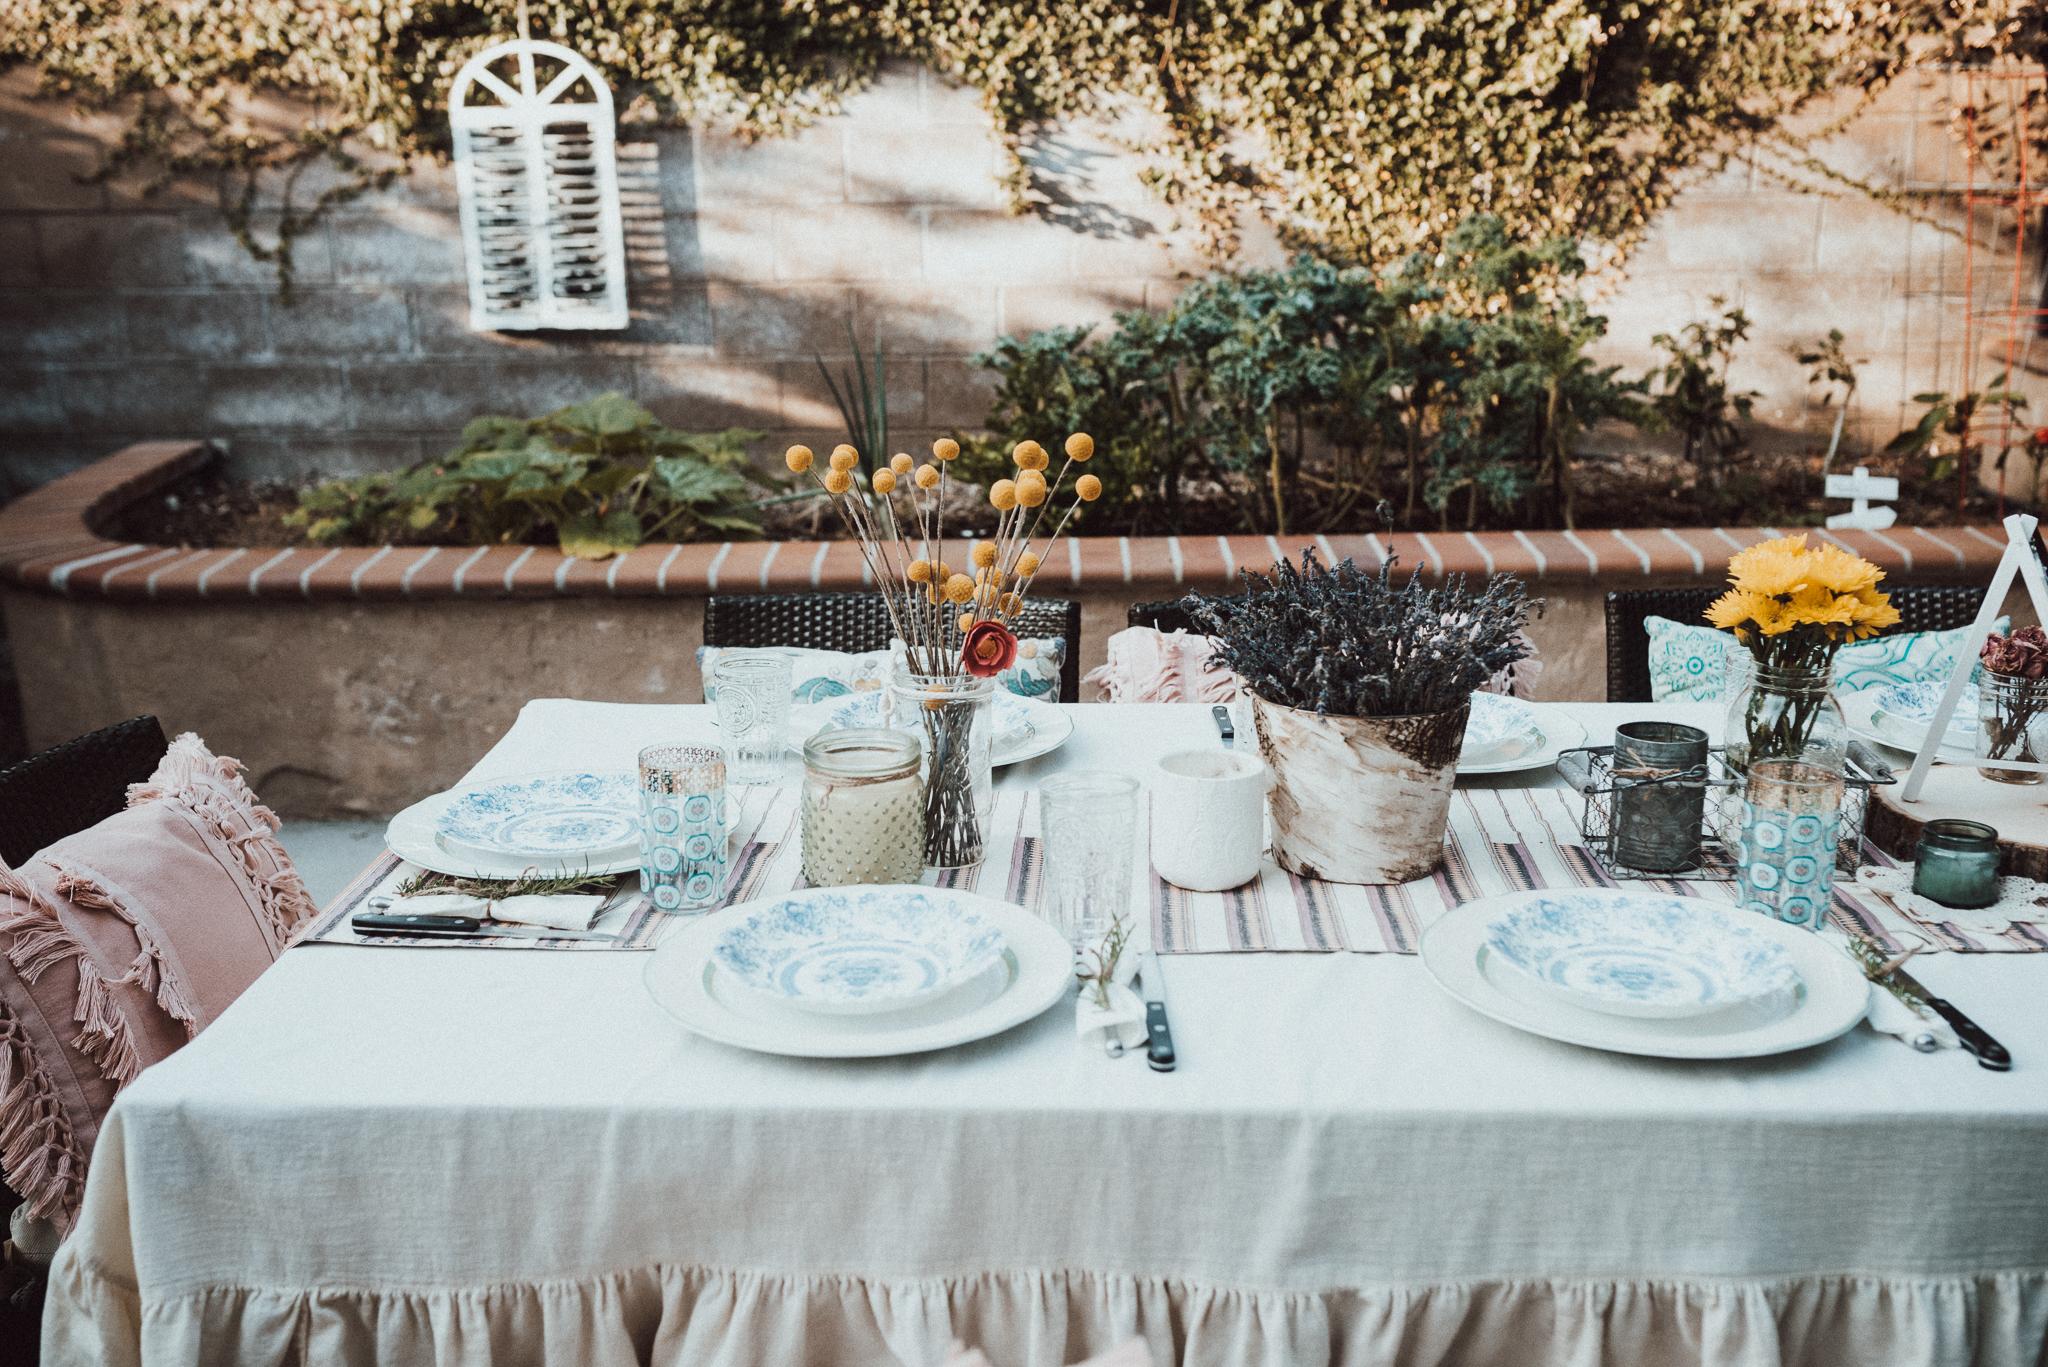 outdoor-summer-dinner-6488.jpg